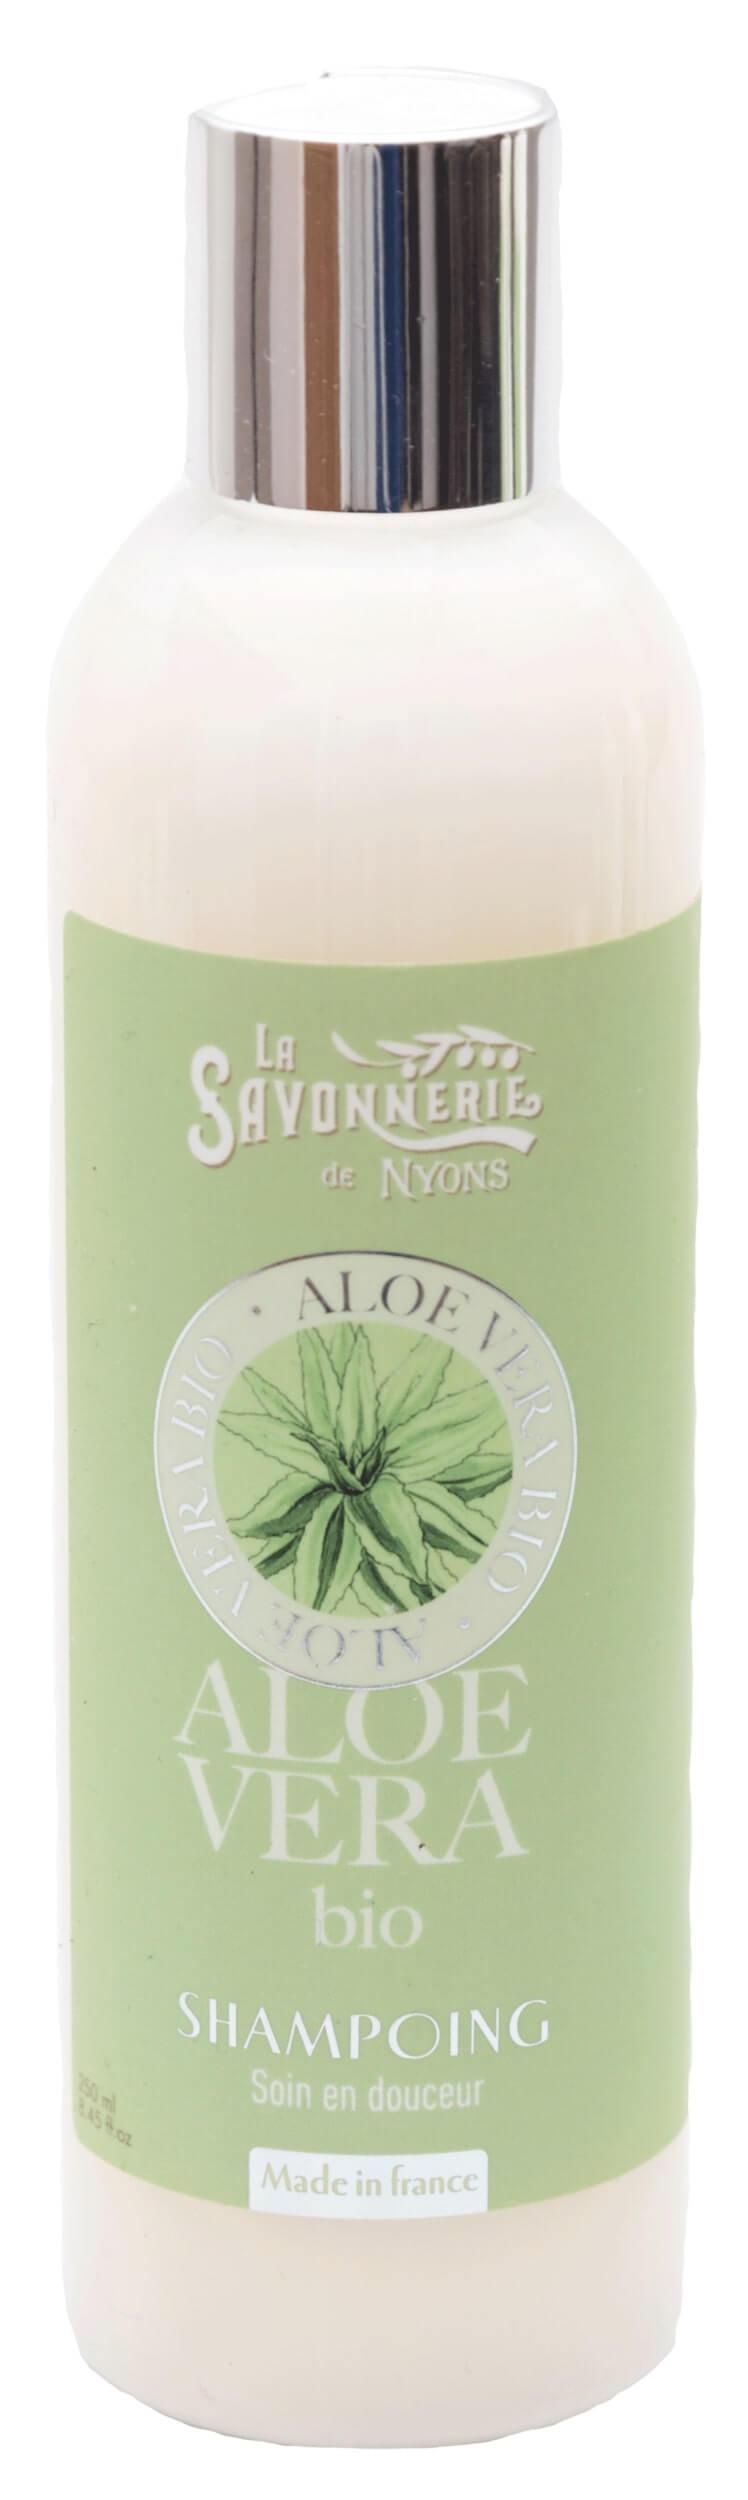 Shampoo 250ml - Aloe Vera